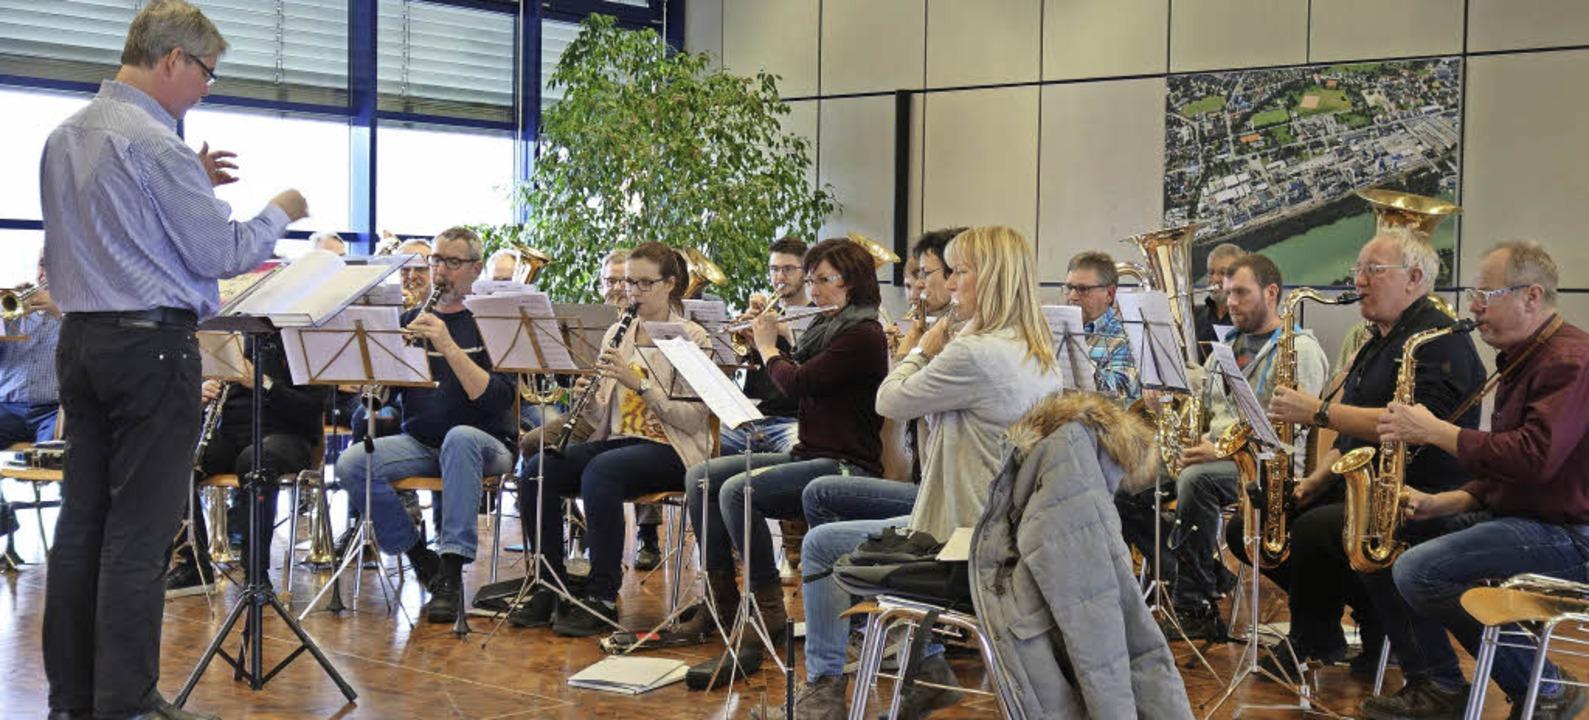 Die 35 Mitglieder der  Evonik Werksmusik mit Dirigent Eckhart Hanser im Einsatz   | Foto: Evonik